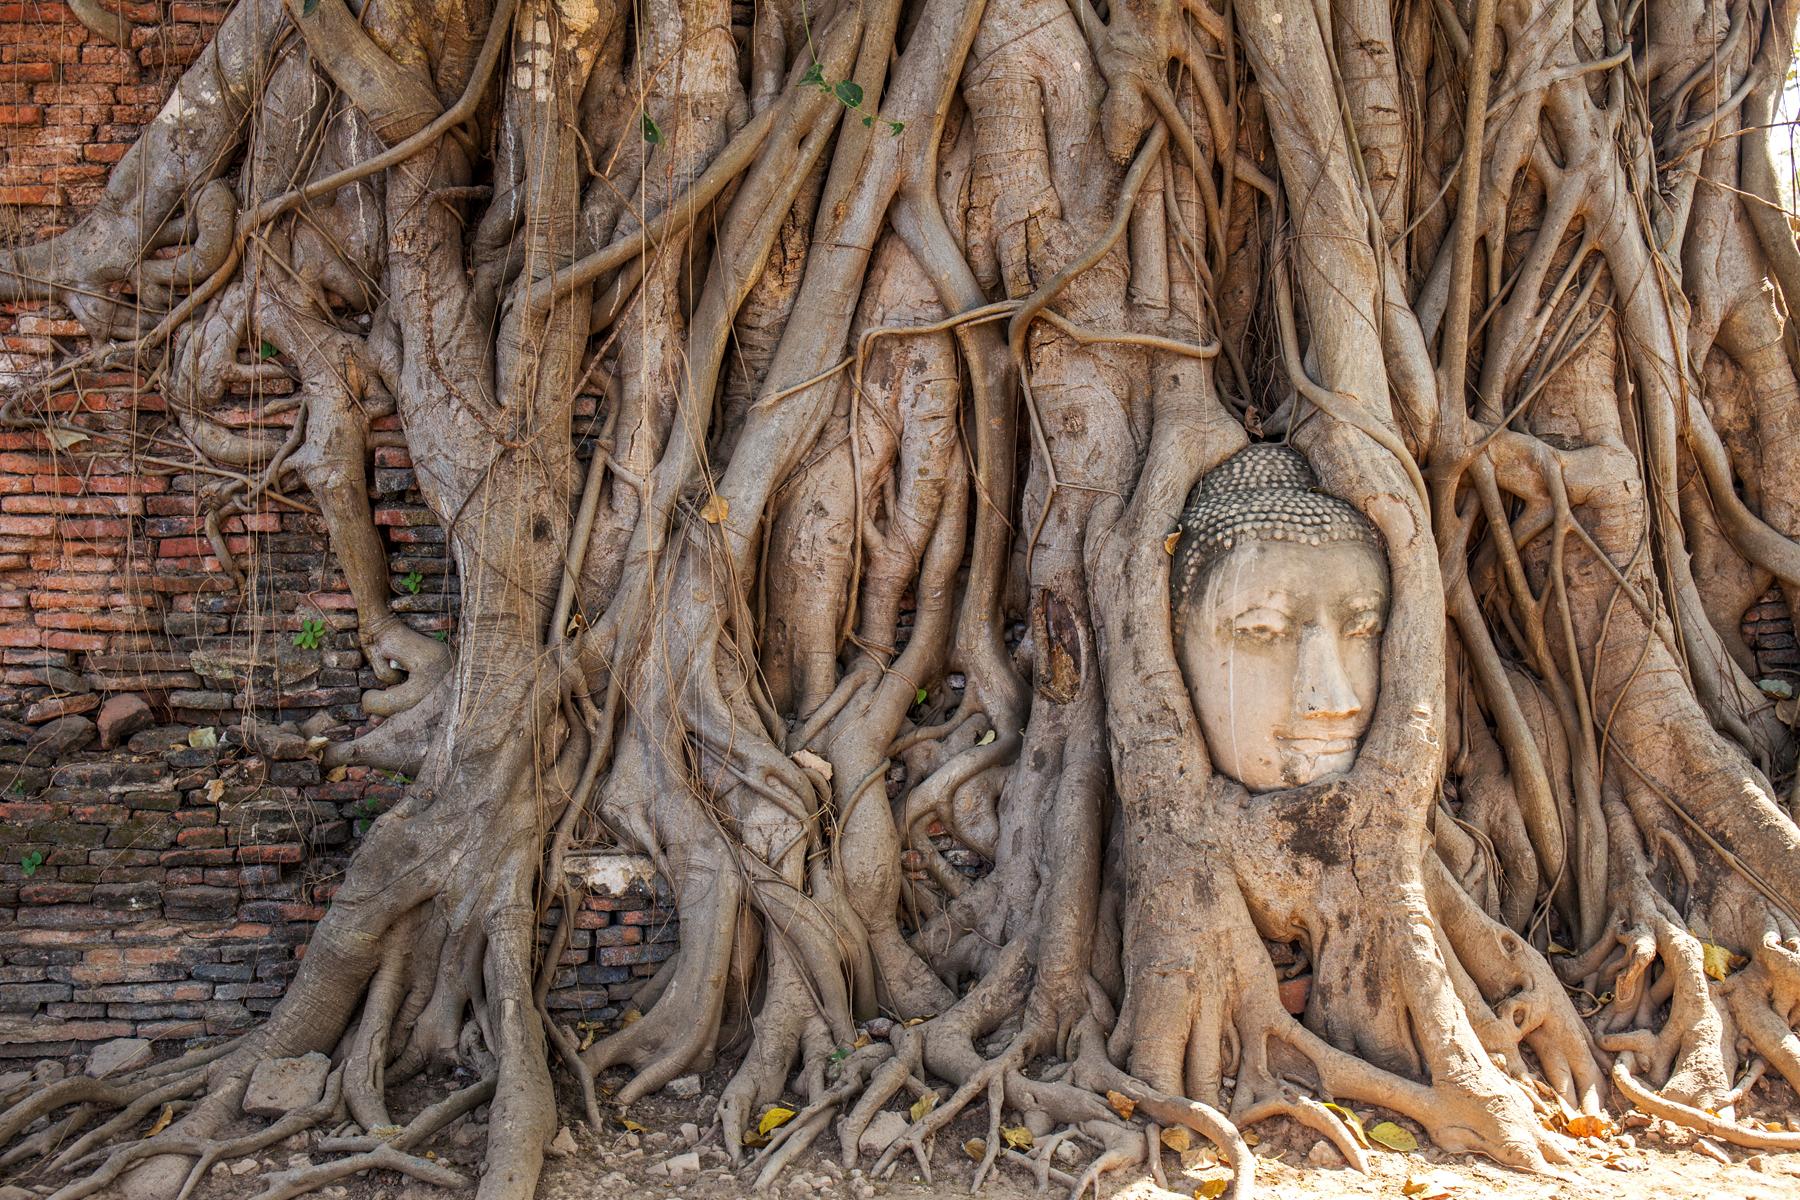 Ayutthaya Day Tour from Bangkok: Bang Pa-In Summer Palace, Wat Mahathat and more